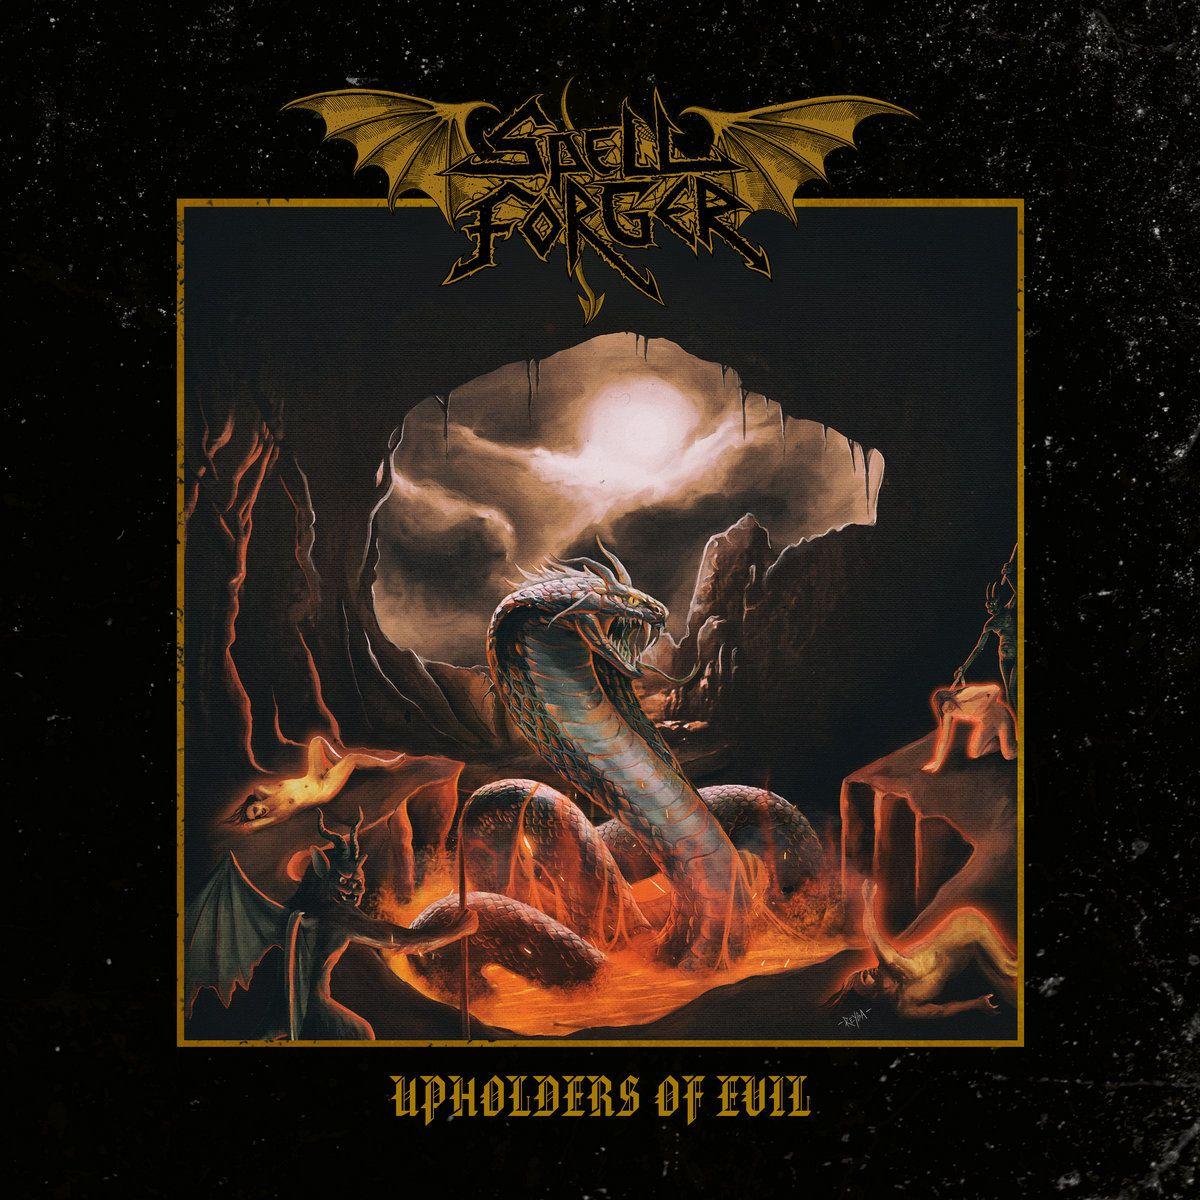 Reviews for Spellforger - Upholders of Evil